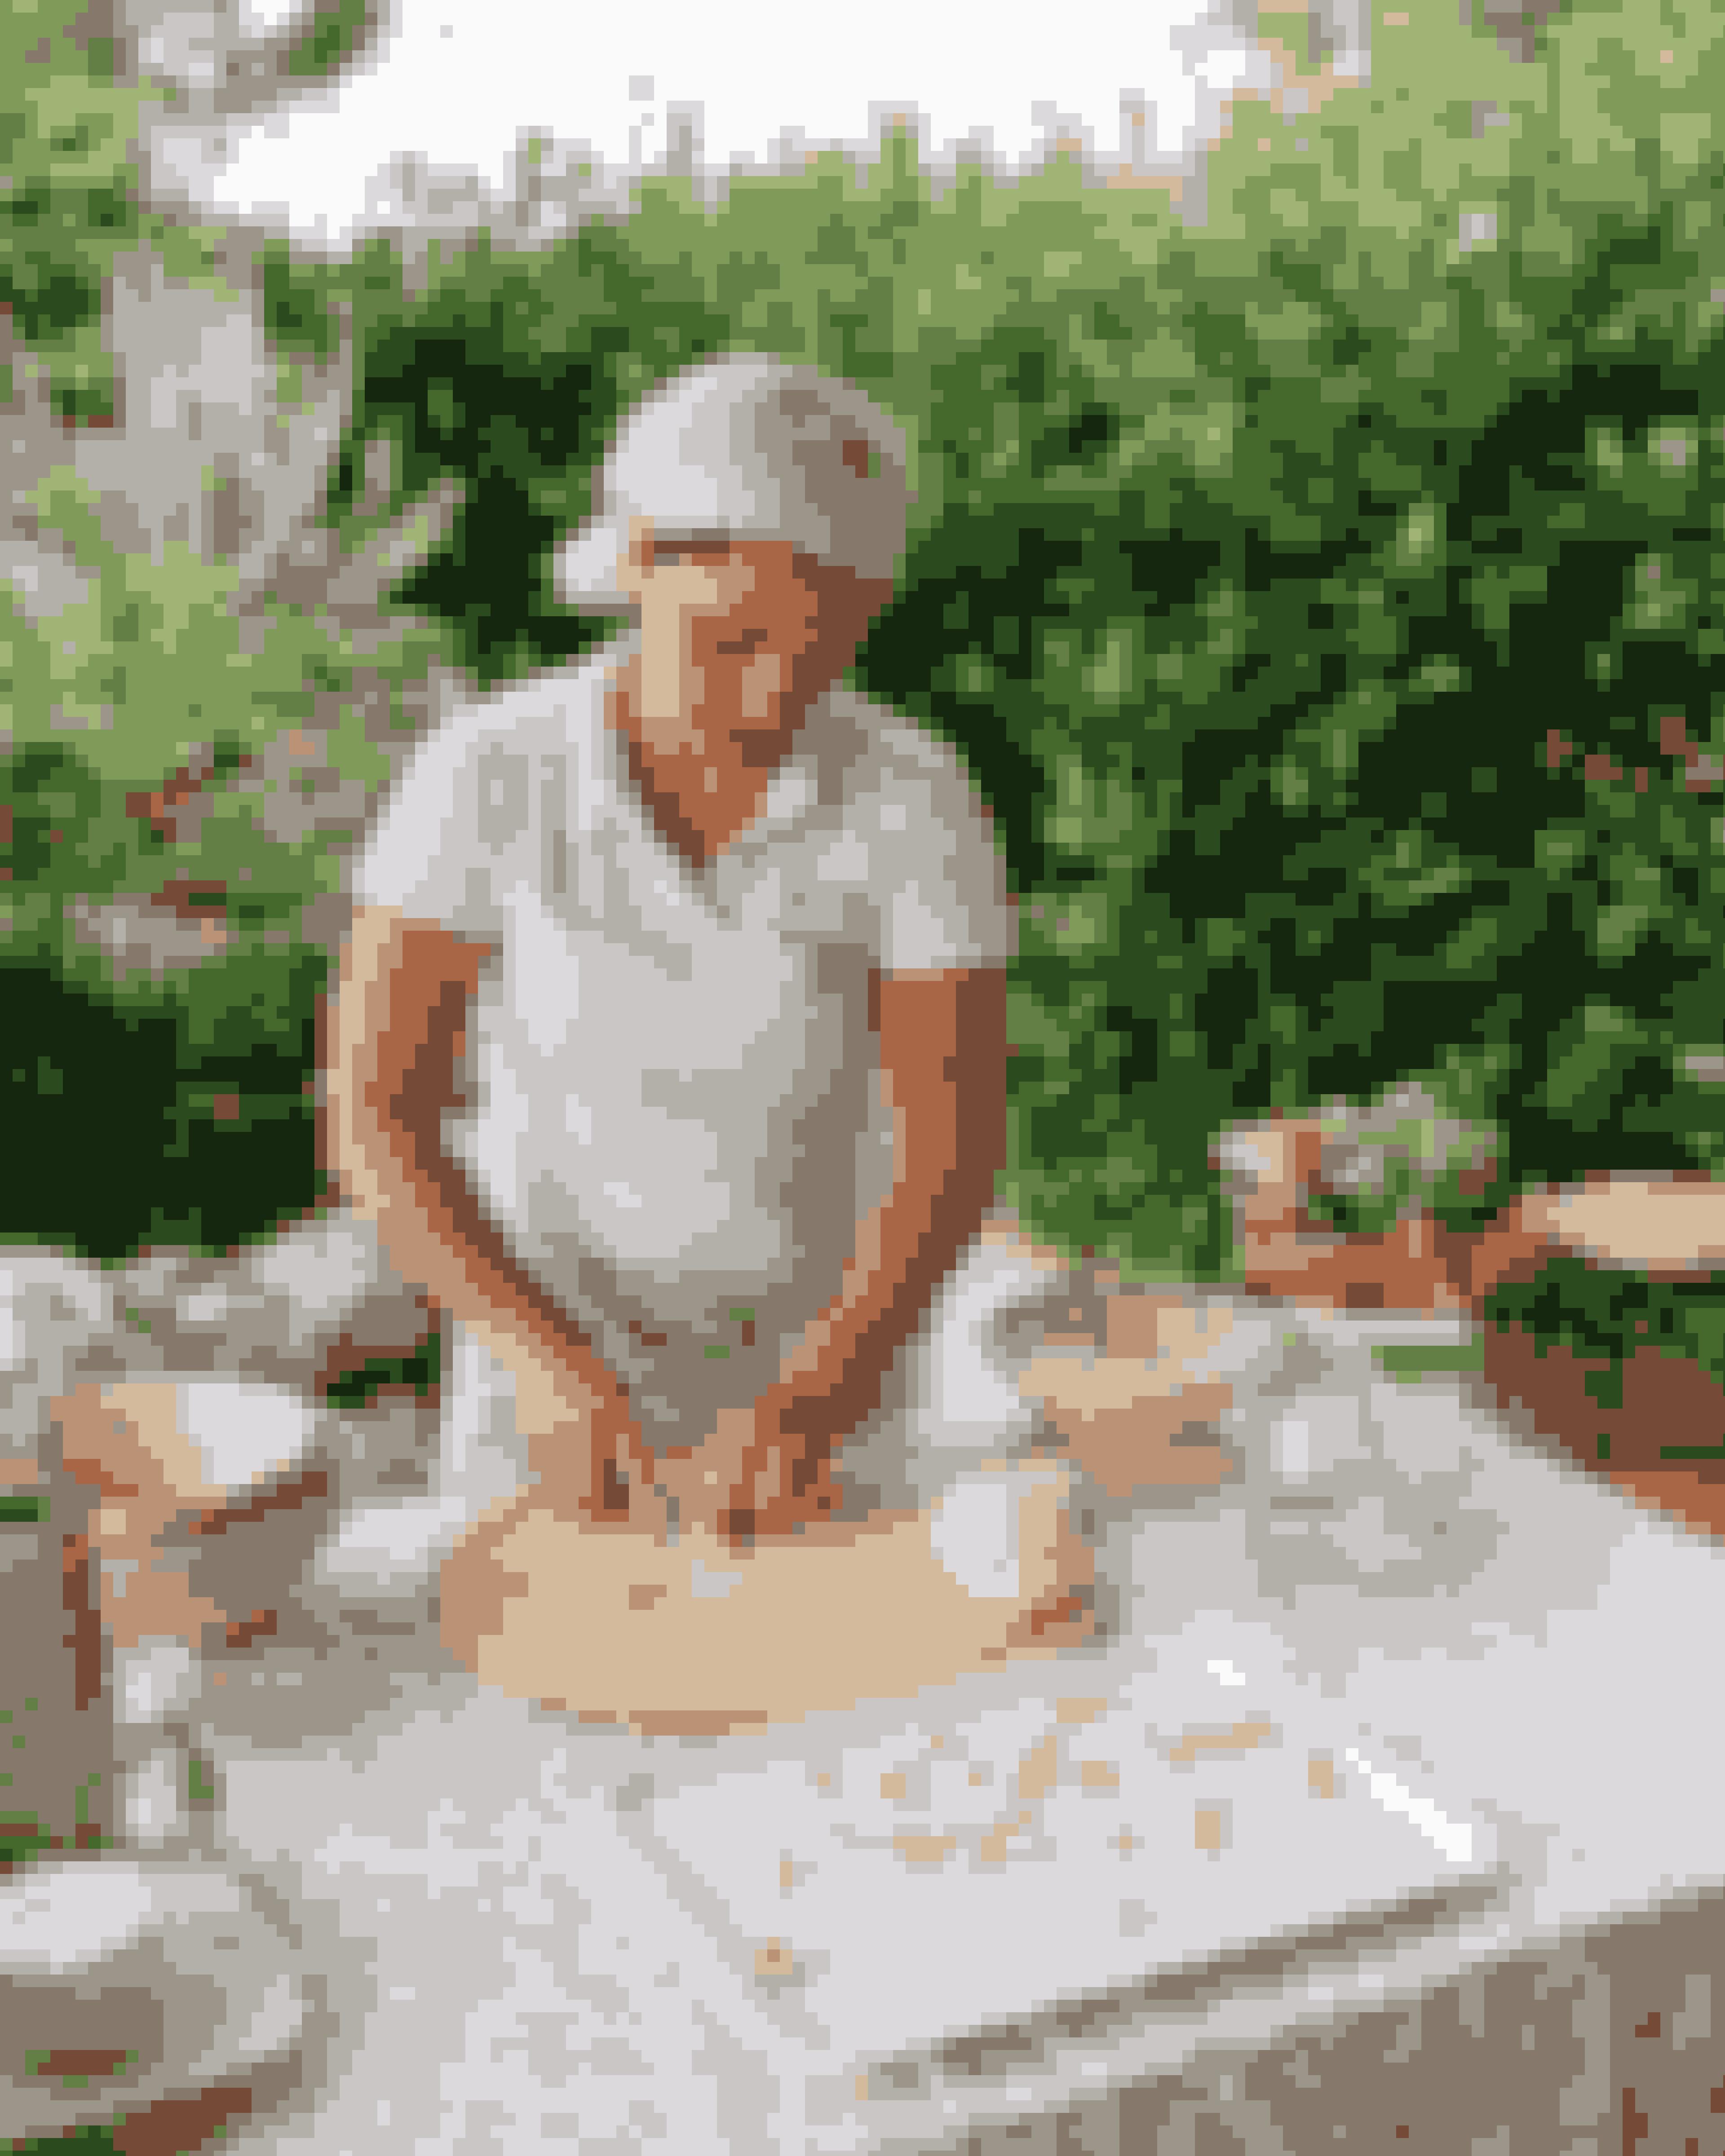 Orecchiette er en typisk spise i Puglia. Pastaen ligner små ører og har sit navn fra det italienske ord for 'ører', 'orecchie' og endelsen 'ette', der betyder 'lille'.